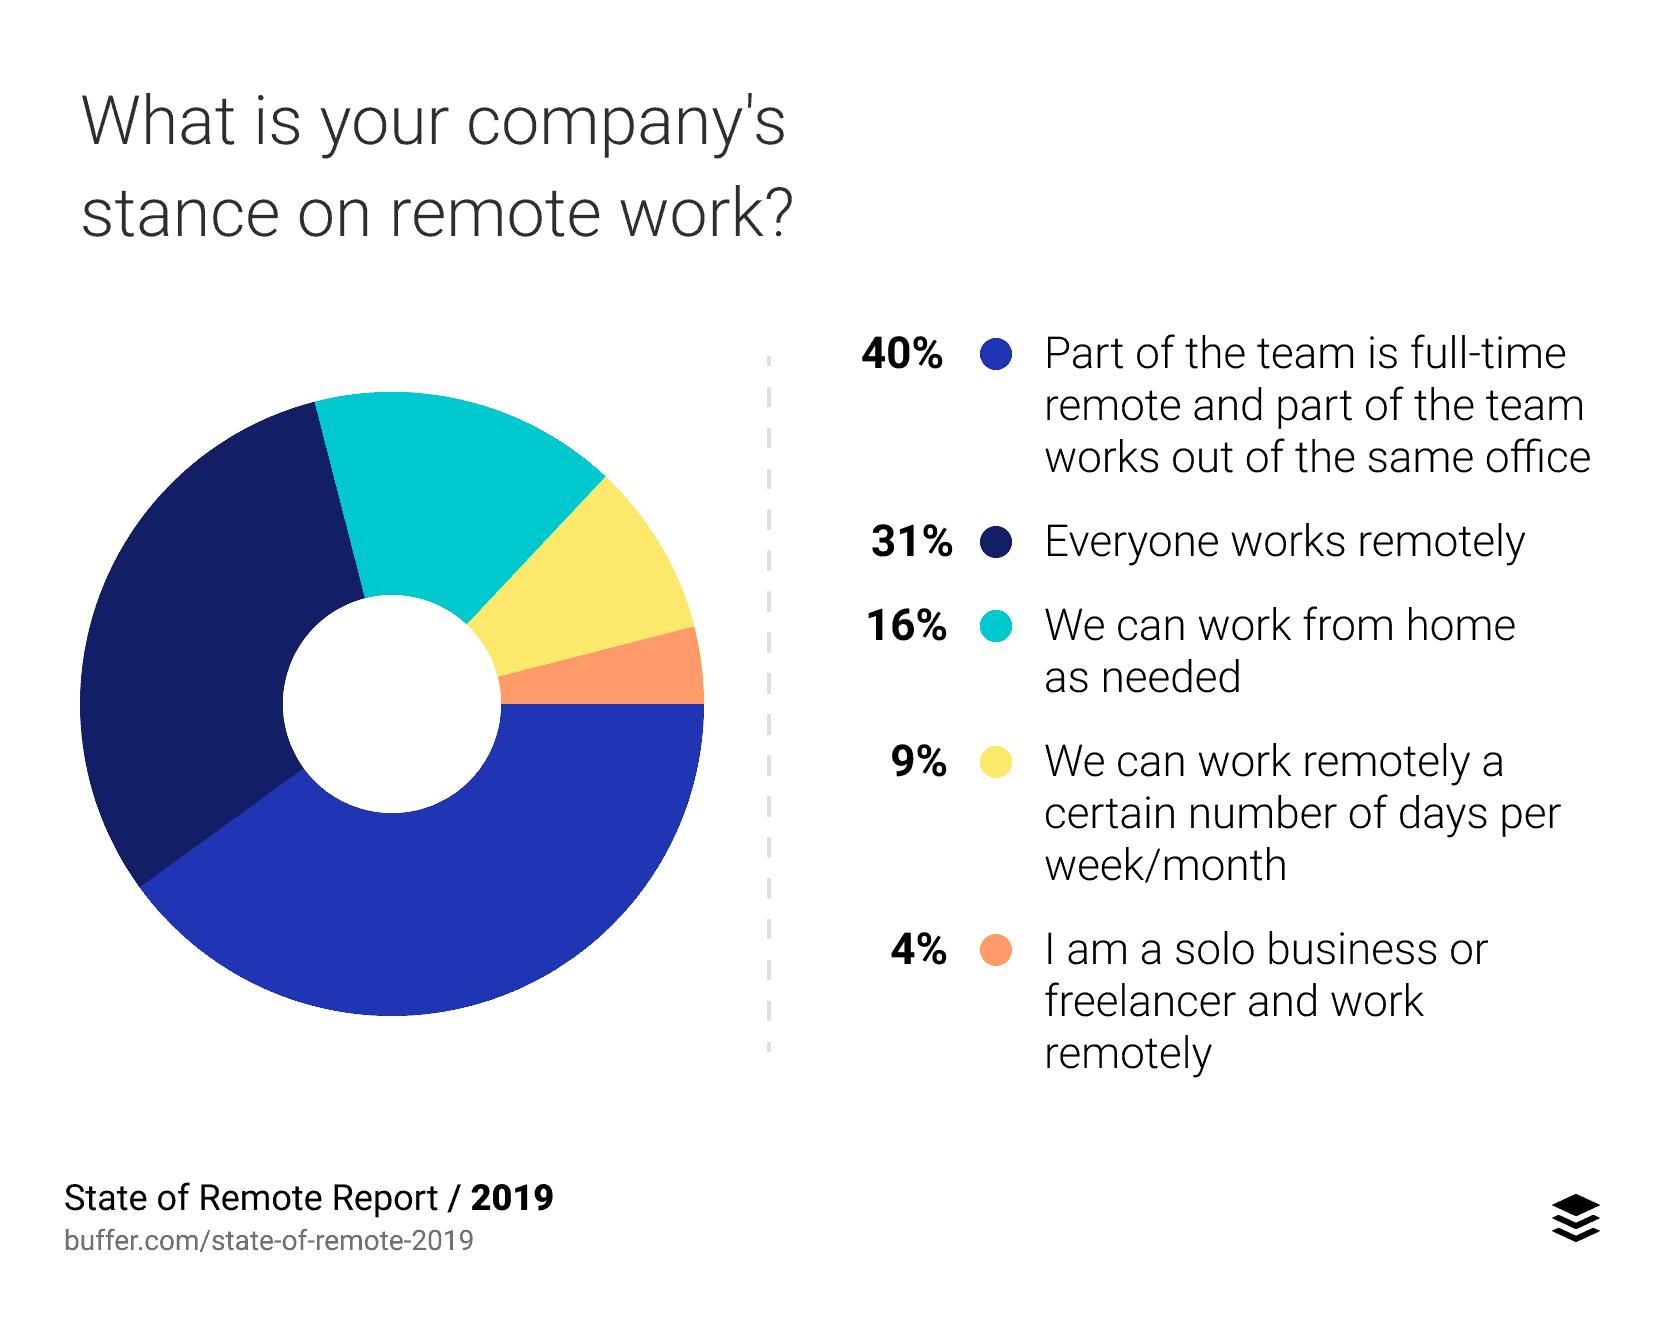 remote team members is a growing trend